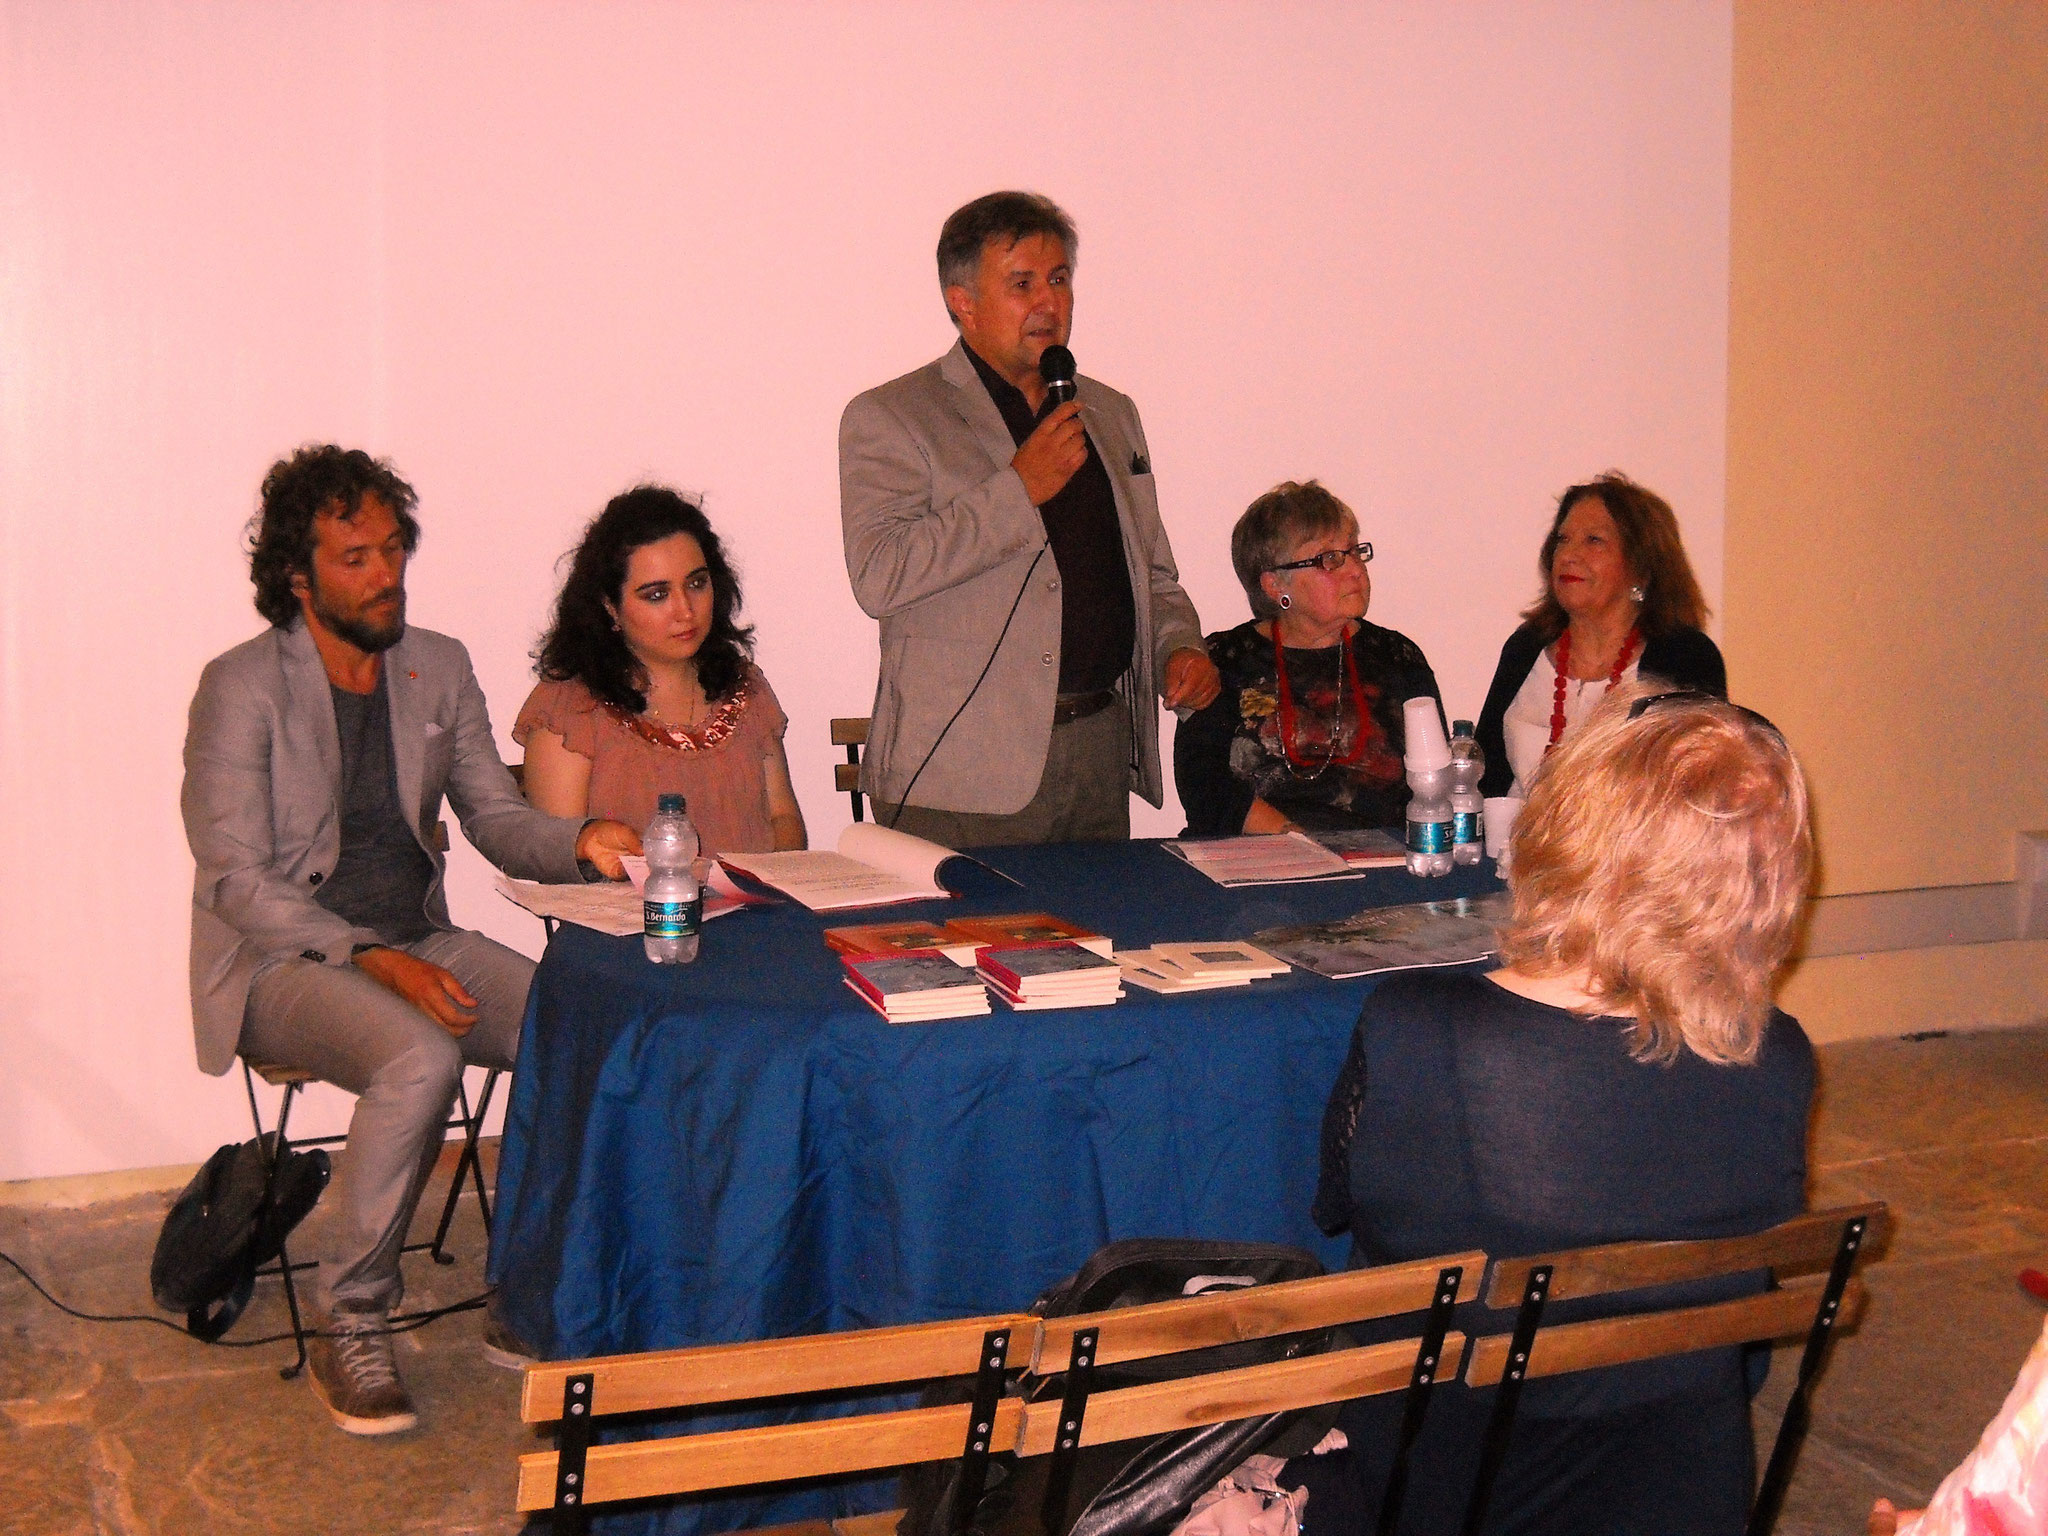 Il dottor Antonio Cambi che introduce la presentazione dell'opera